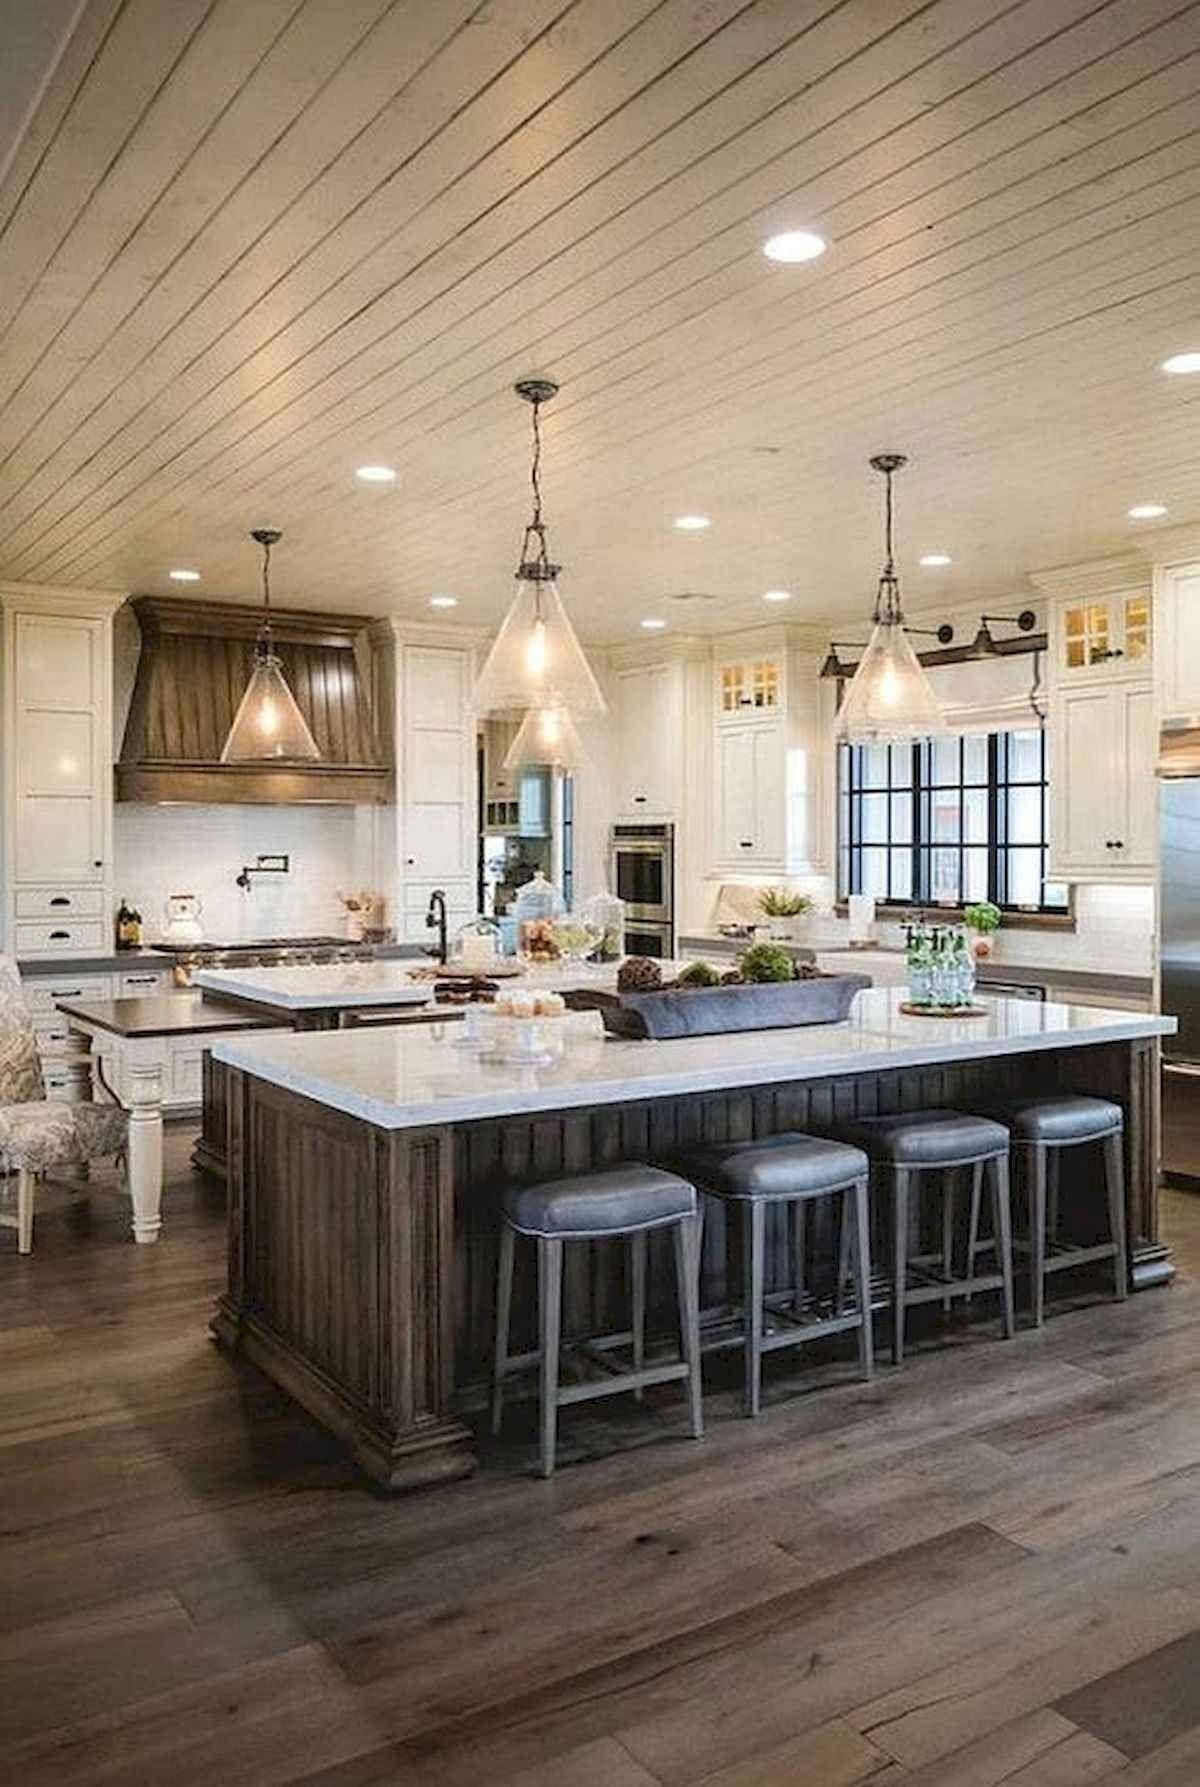 50 Best Modern Farmhouse Kitchen Island Decor Ideas Modern Farmhouse Kitchens Kitchen Island Decor Farmhouse Kitchen Island